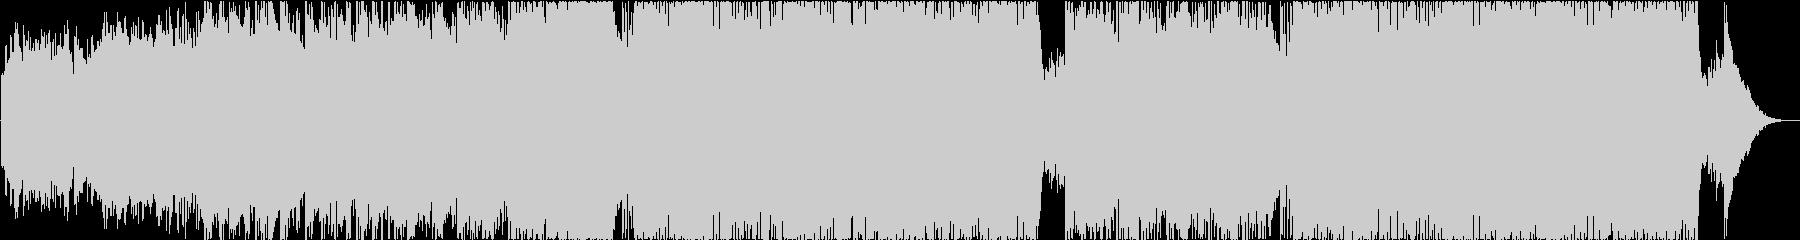 ポップロック、インスピレーションの未再生の波形